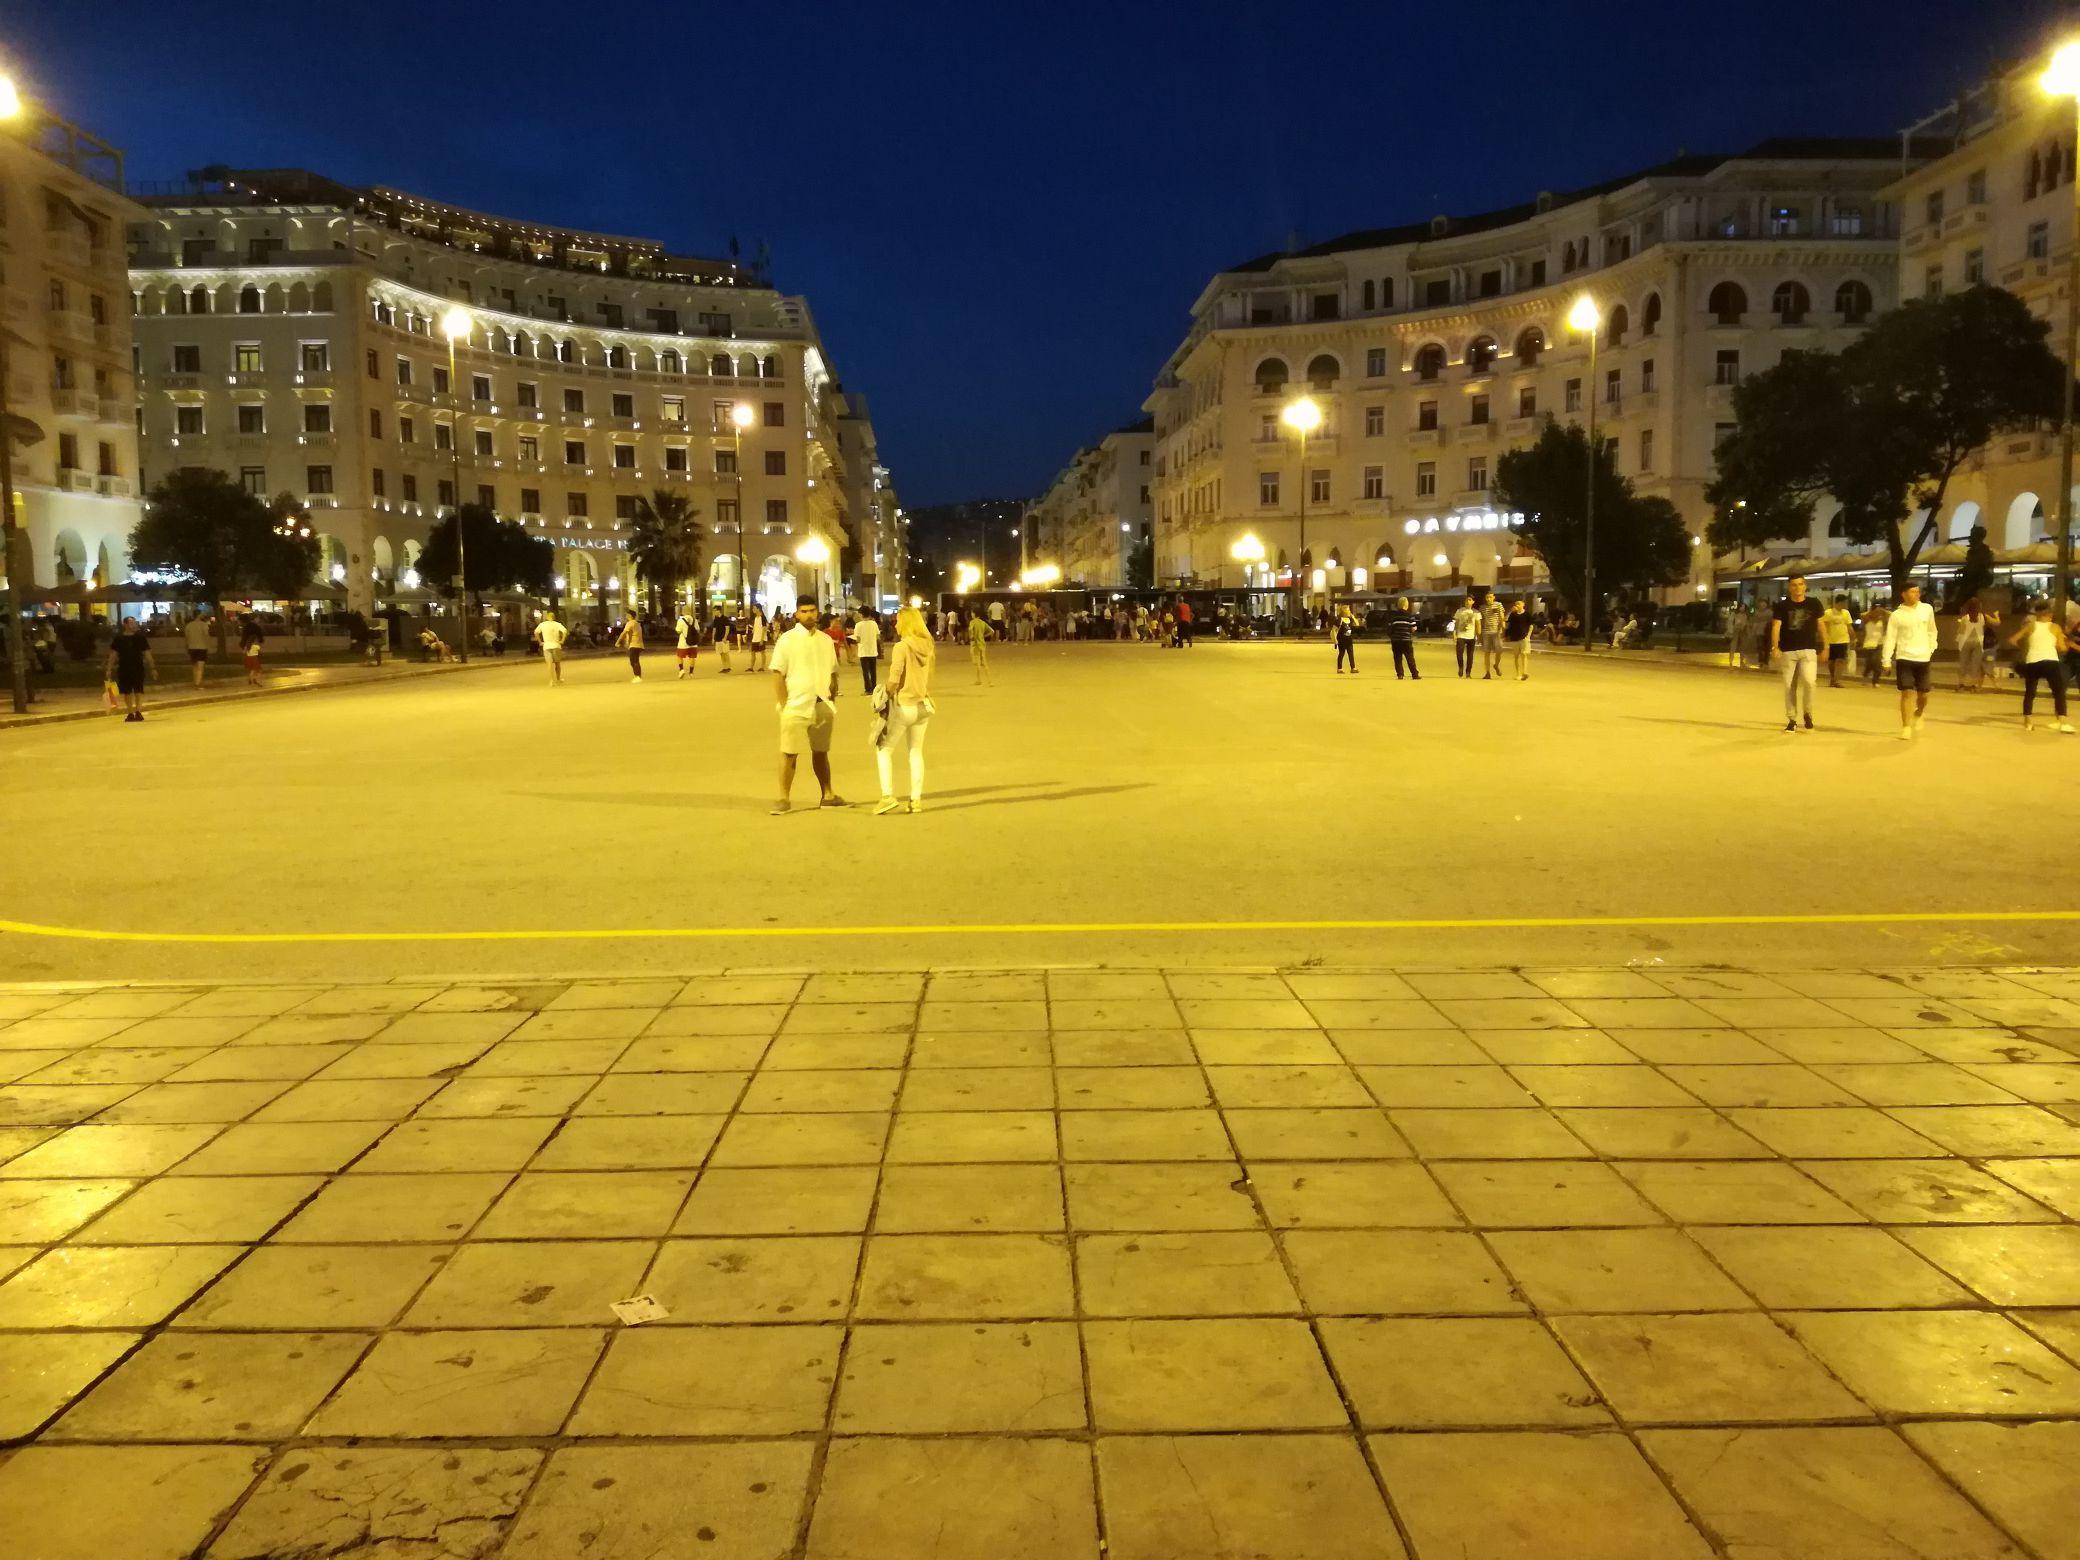 Arisztotelész tér